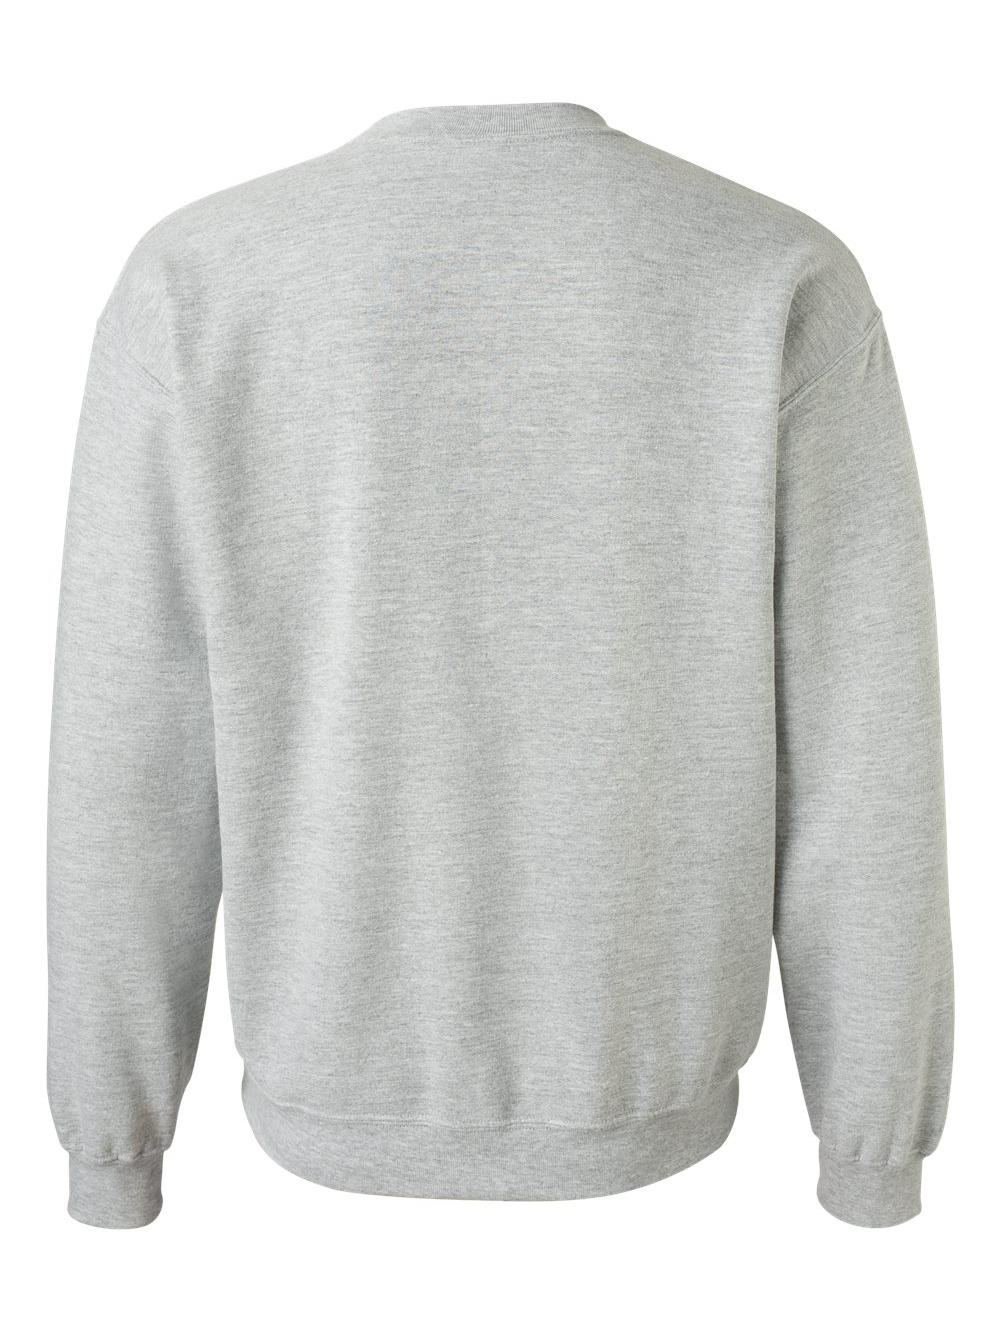 Gildan-Heavy-Blend-Crewneck-Sweatshirt-18000 thumbnail 83